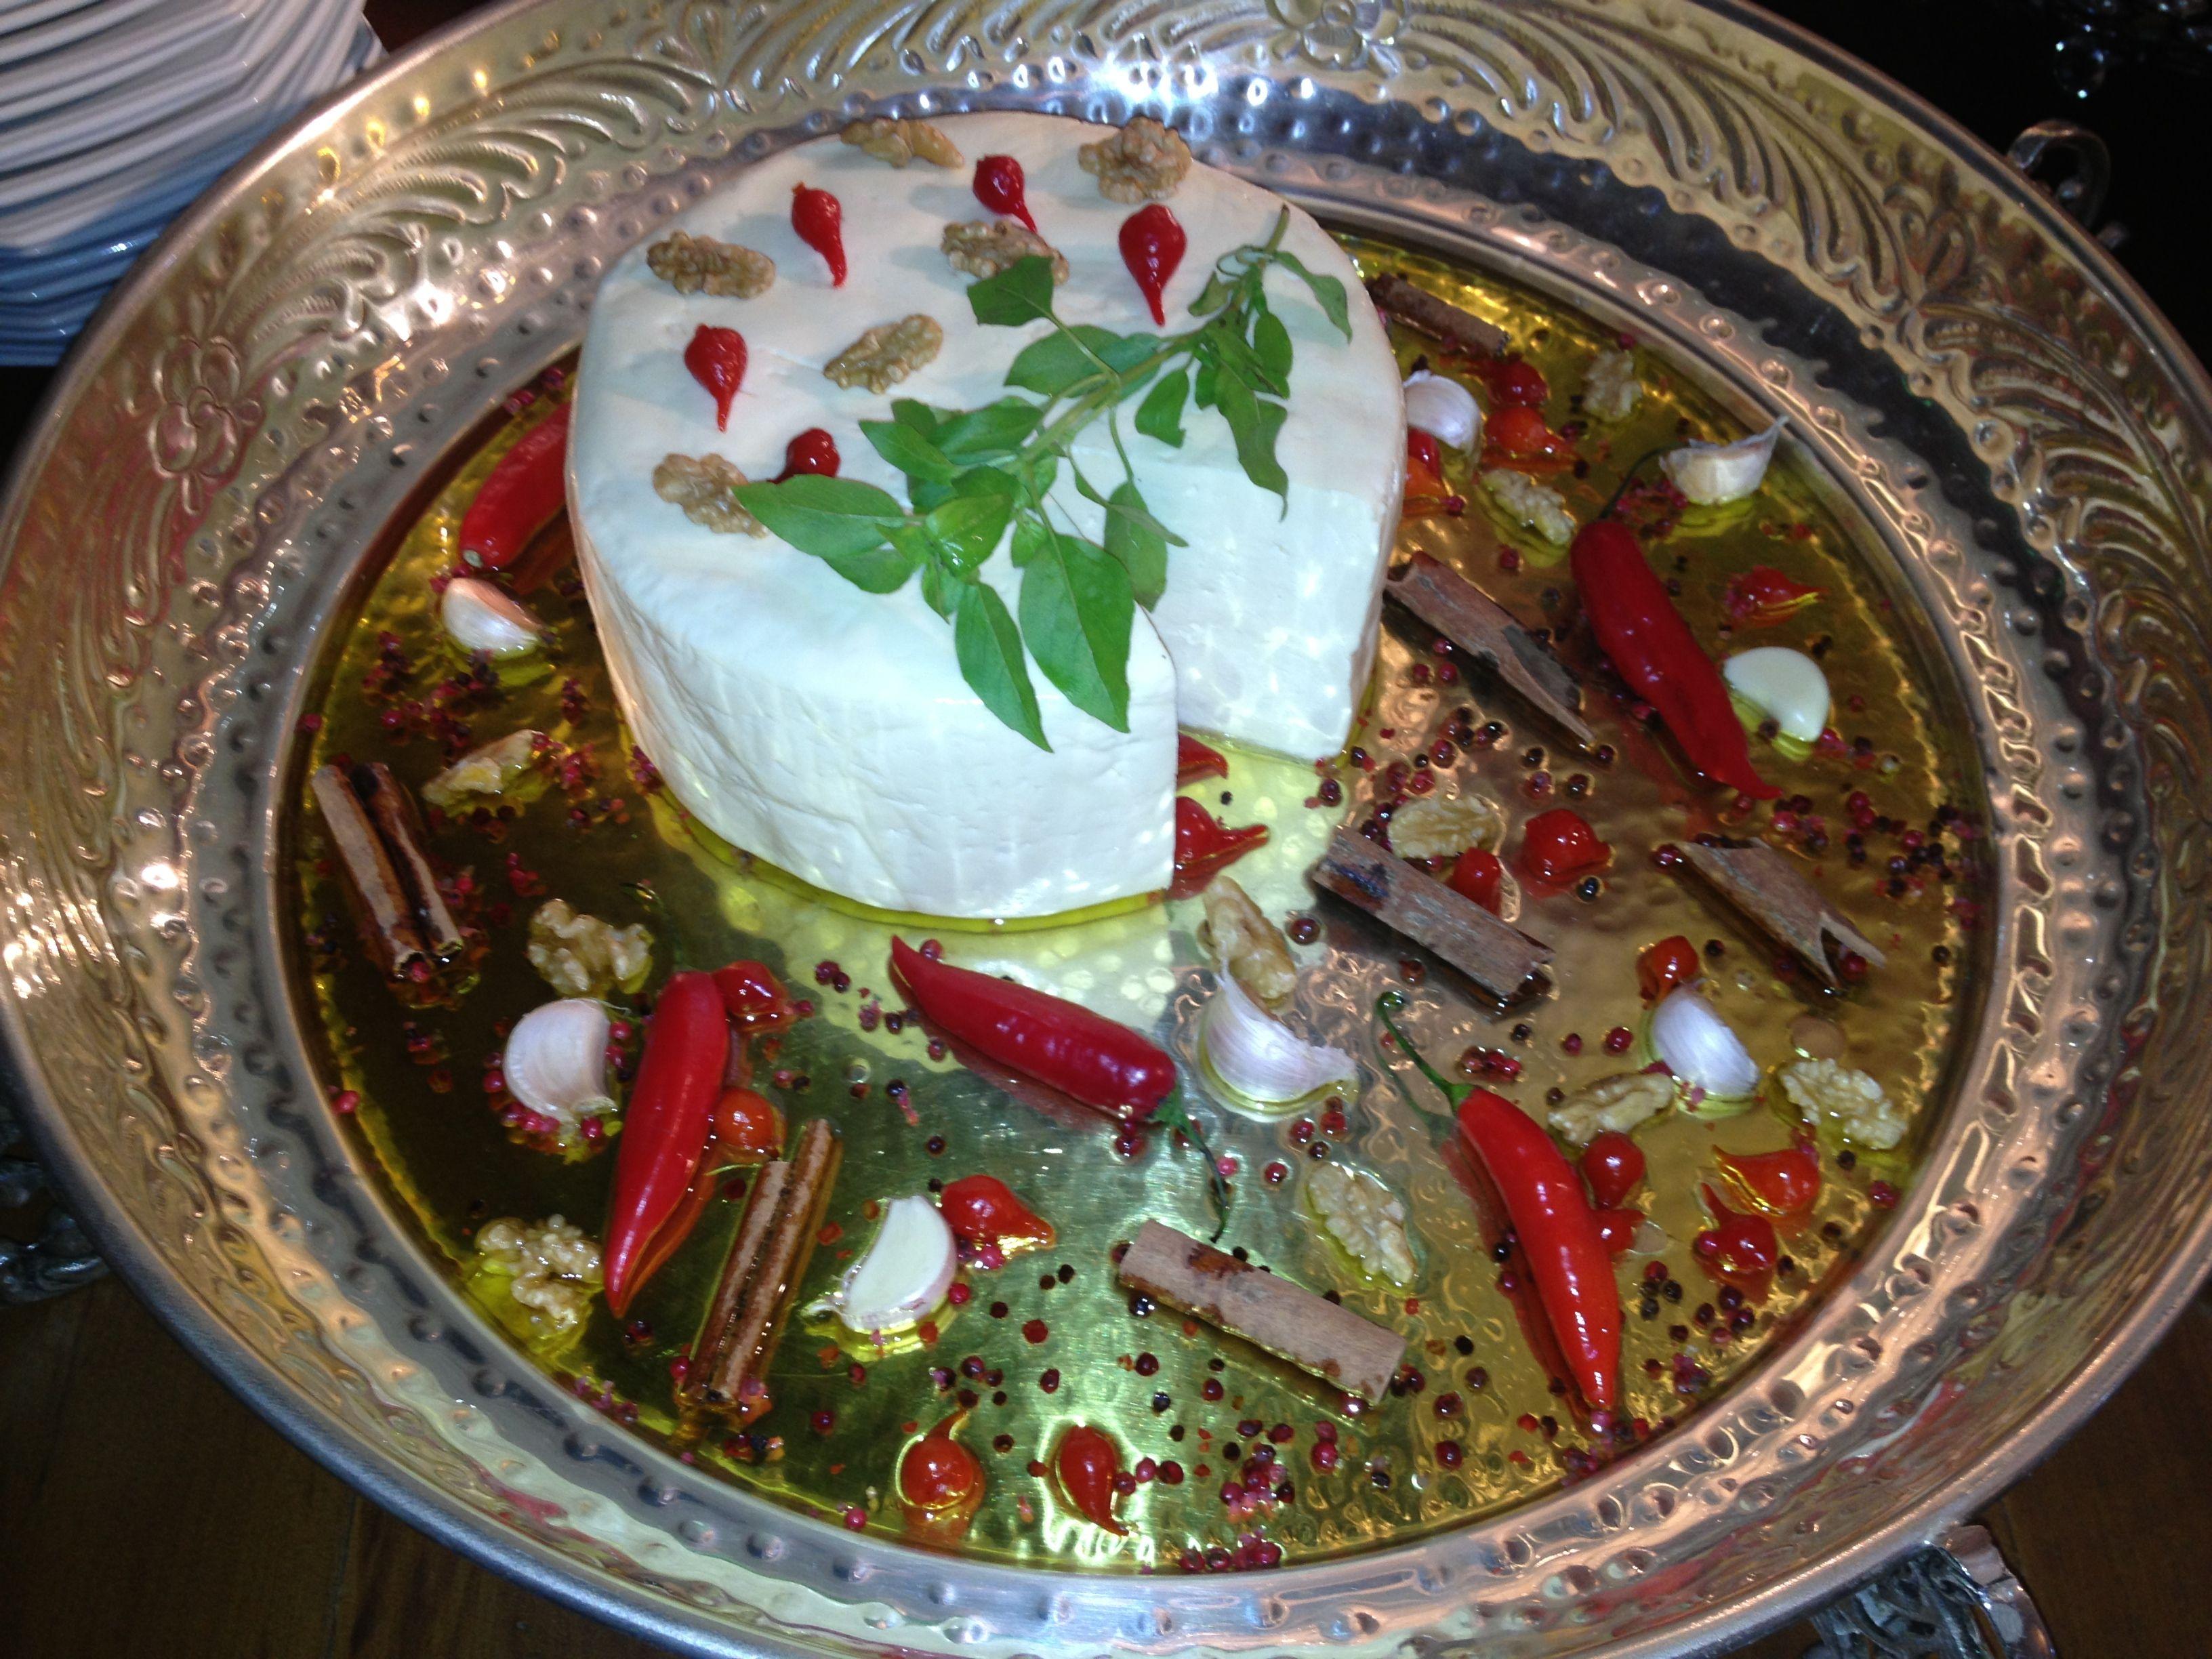 Queijo branco com azeite aromatizado!